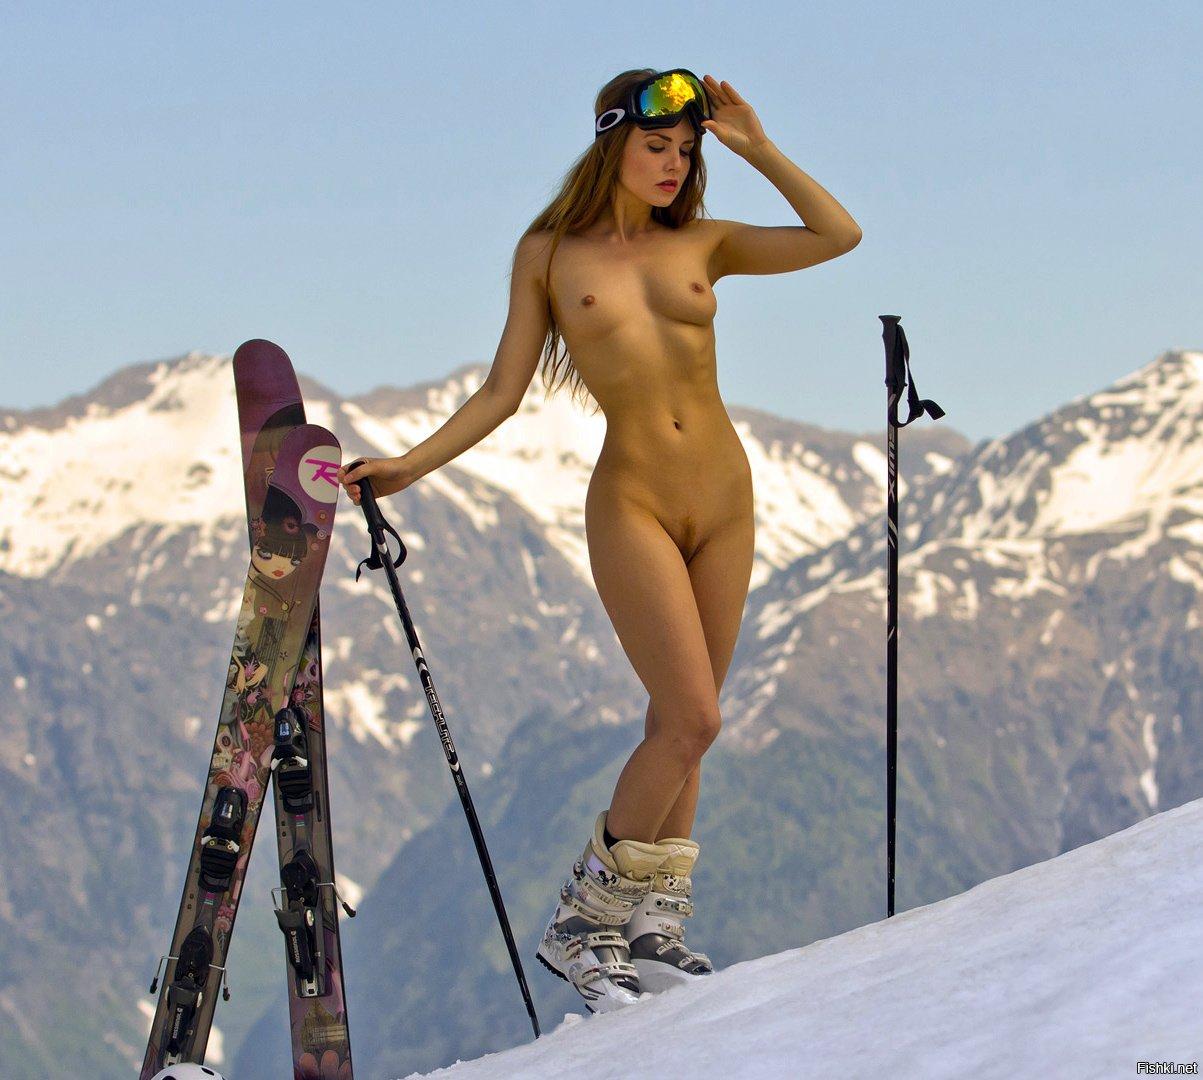 Лесби парижа голые фото лыжниц купальника порно